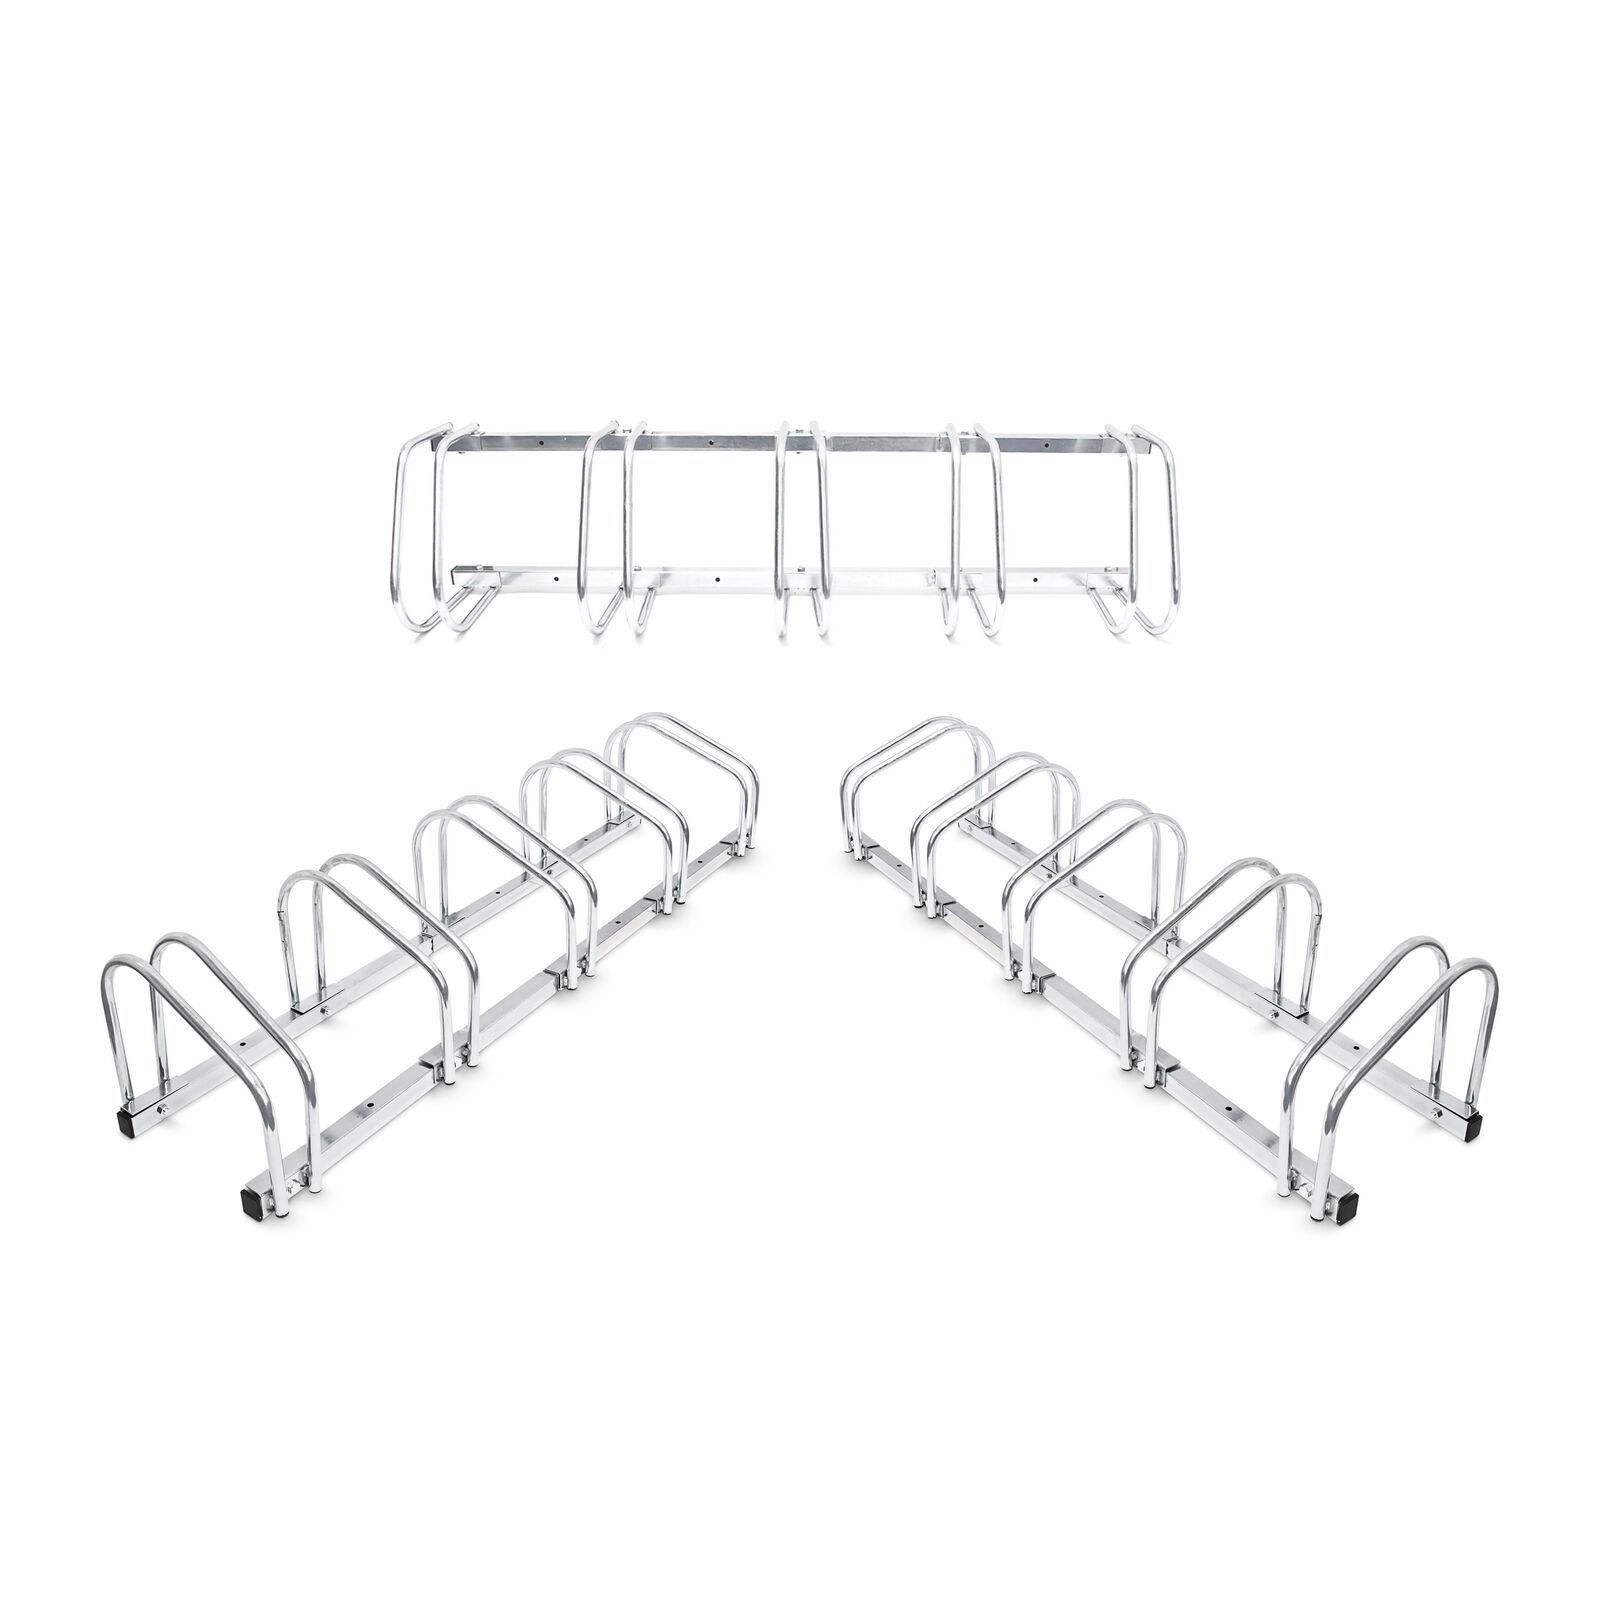 3 x 5er Fahrradständer für 15 Fahrräder, Bügelparker Stahl, Wand und Boden